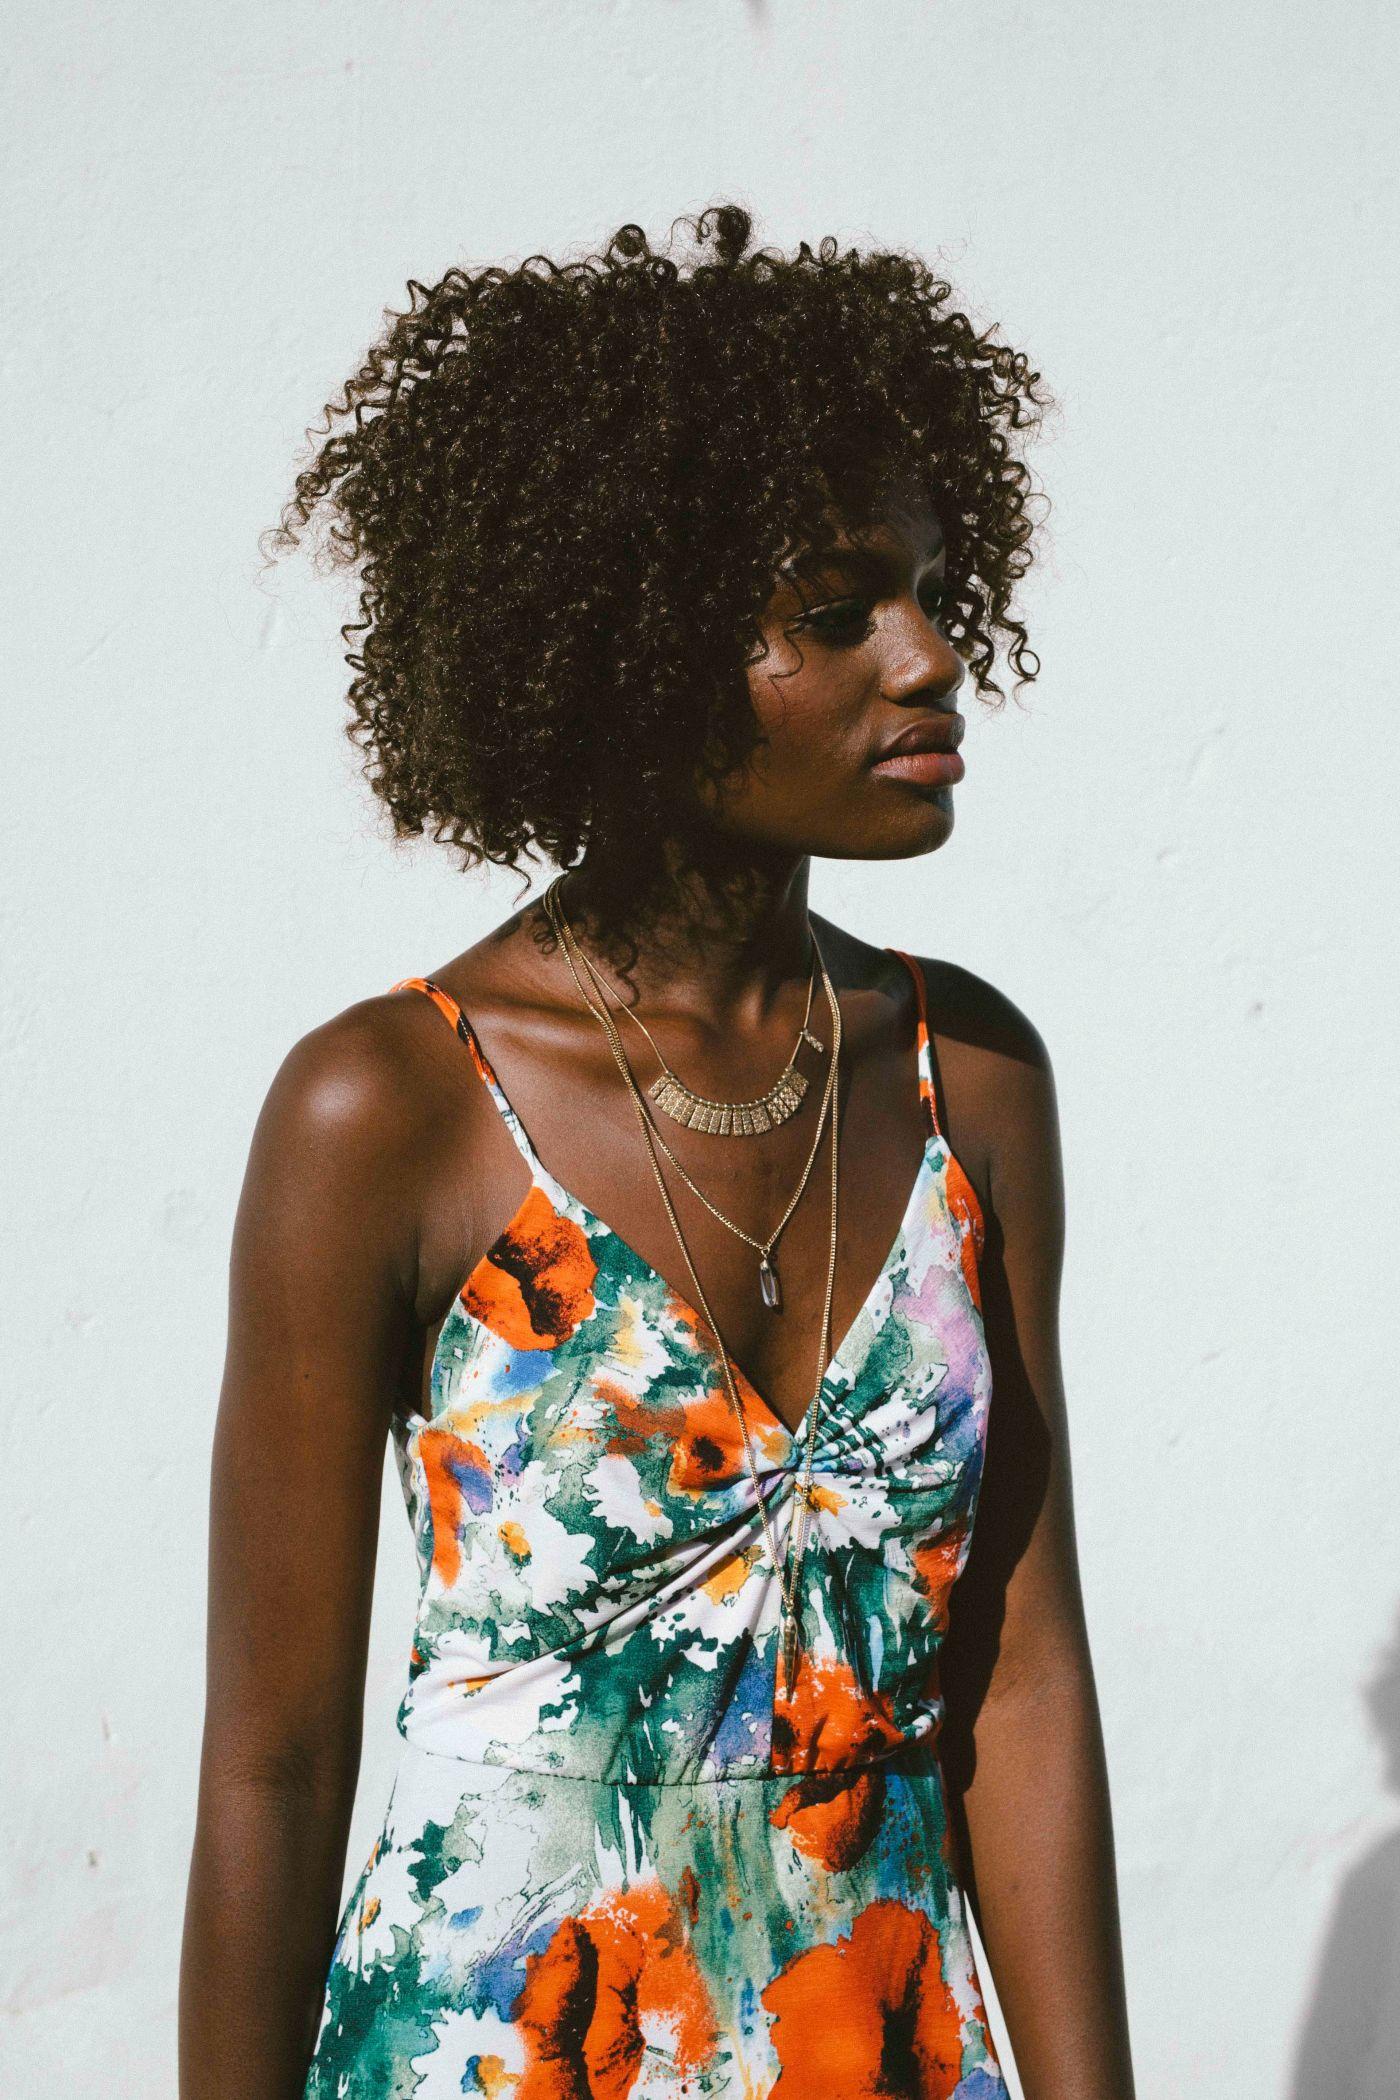 高清晰非洲女性部落美人壁纸 欧莱凯设计网